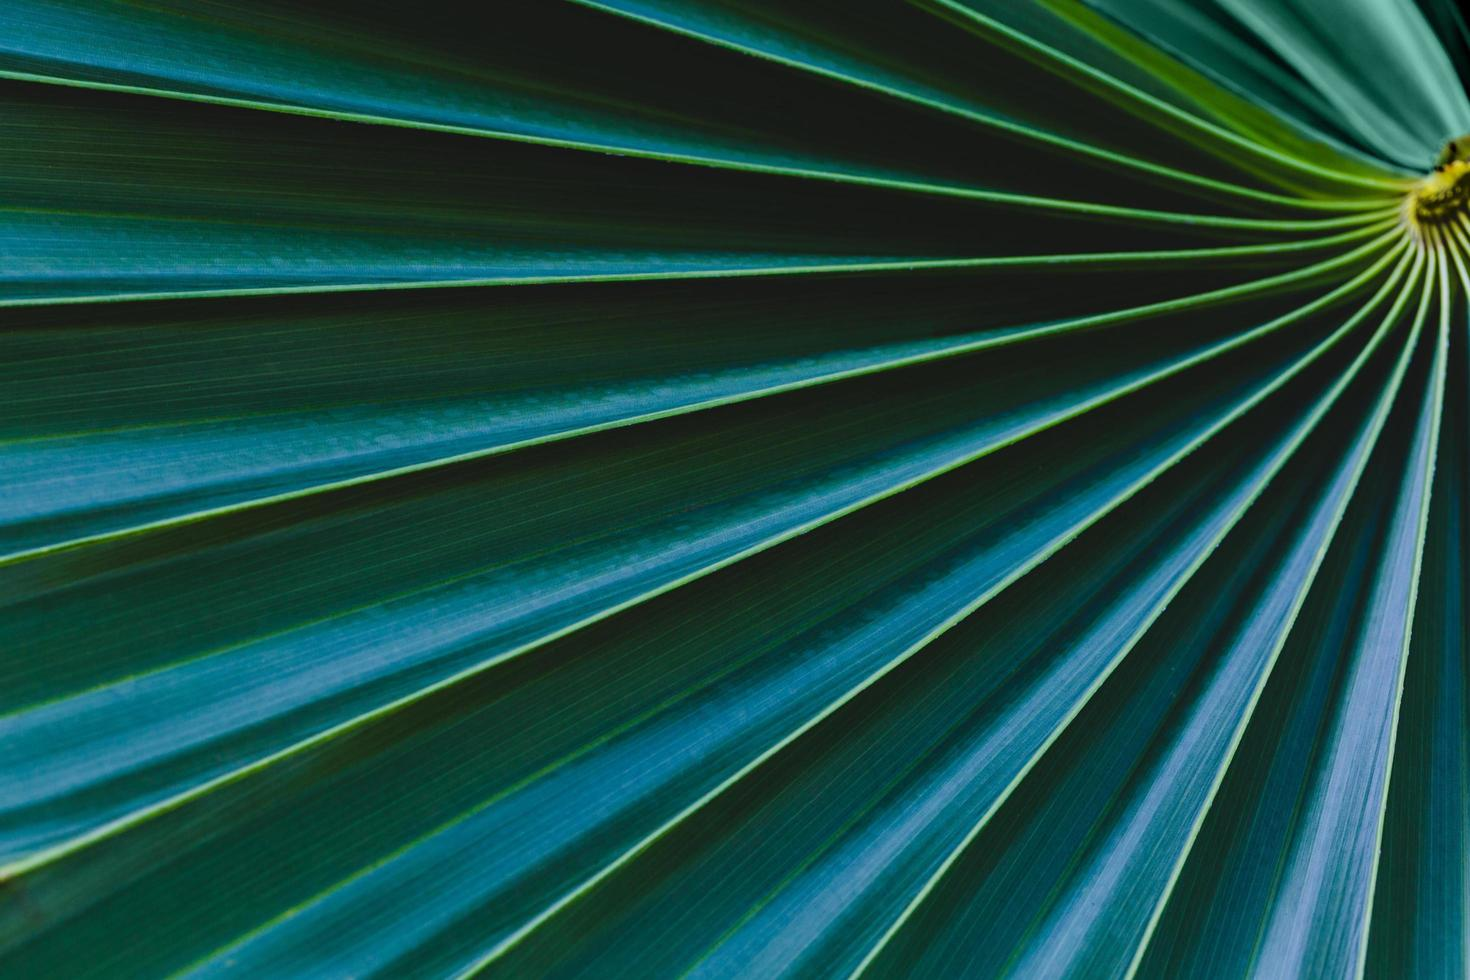 sfondo foglia tropicale foto